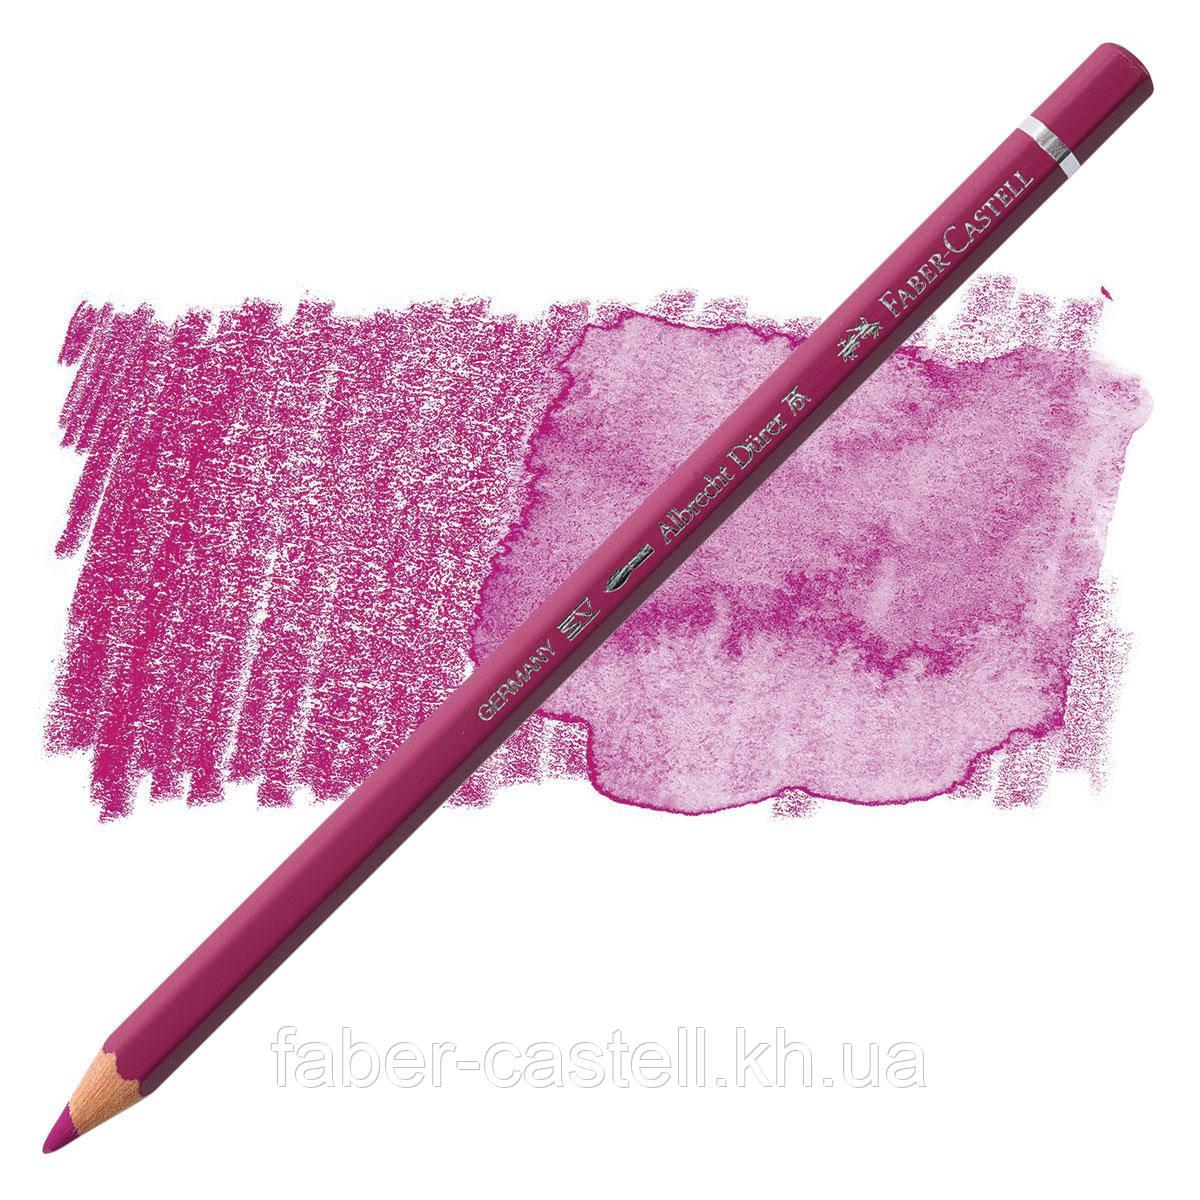 Карандаш акварельный цветной Faber-Castell Albrecht Dürer средне-пурпурный (Middle Purple Pink)  № 125, 117625